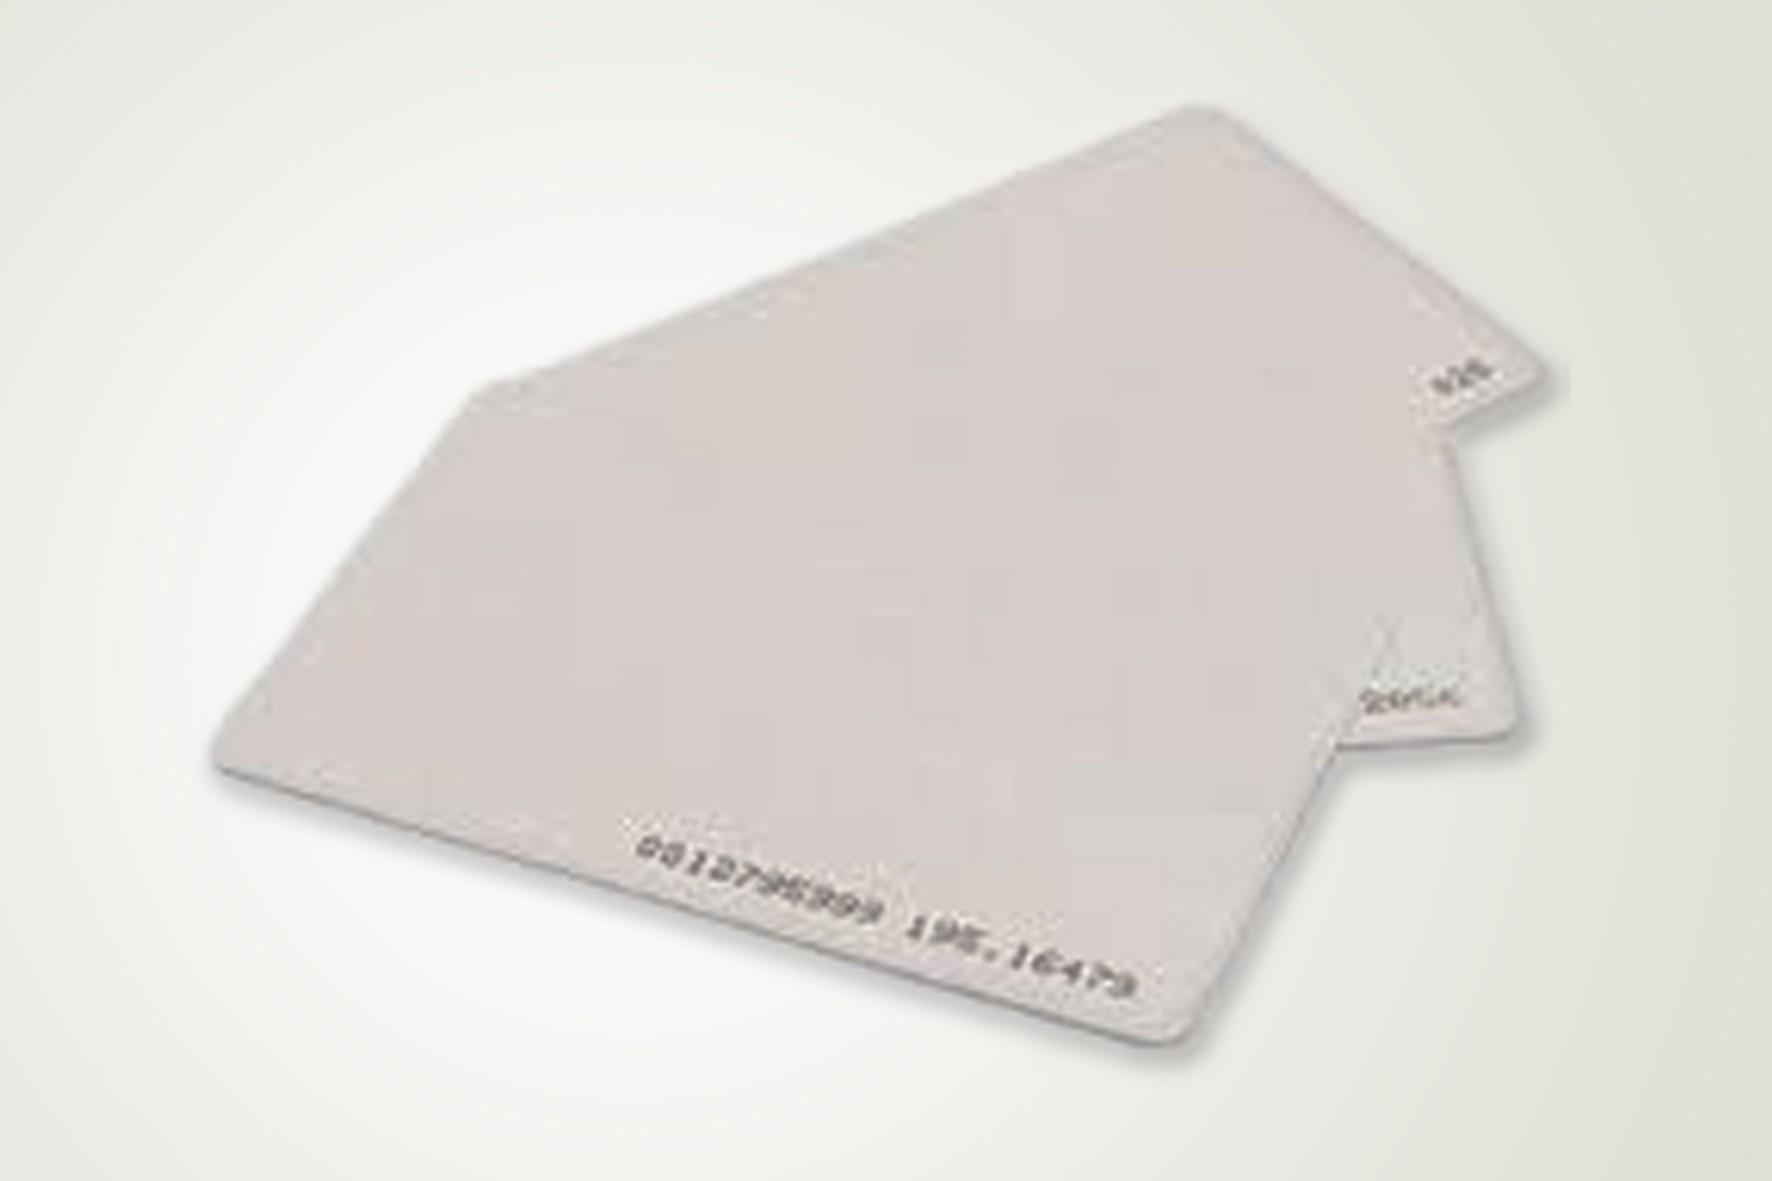 Cartões com Chip de Proximidade na Cidade Vargas - Crachá Modelo